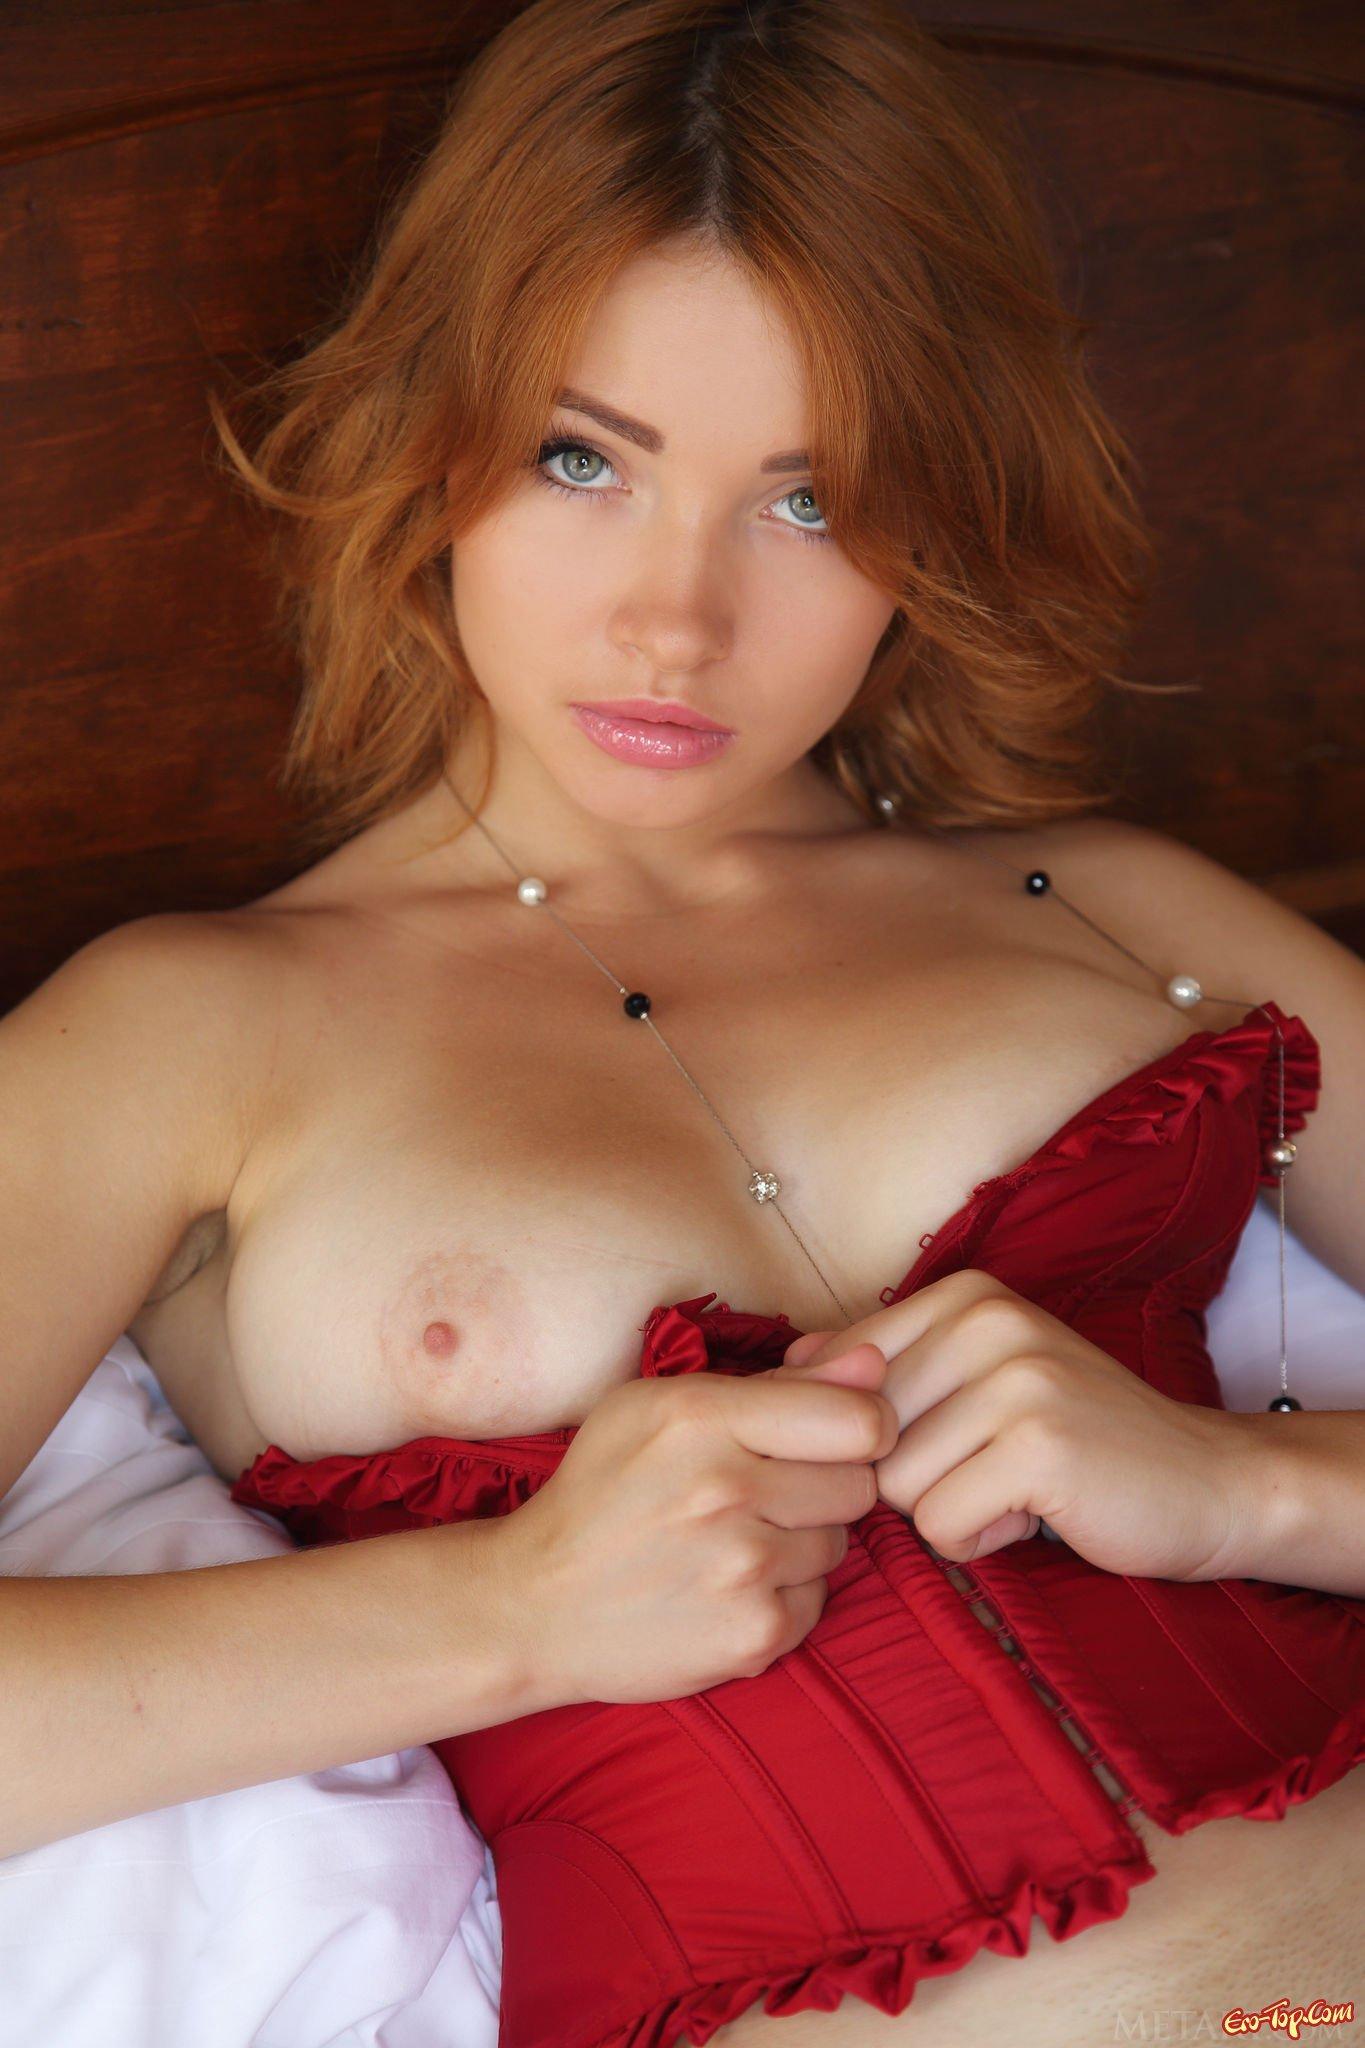 сравниваю лифаном порно фото рыжих девушек с зелеными глазами как ваши мужчины